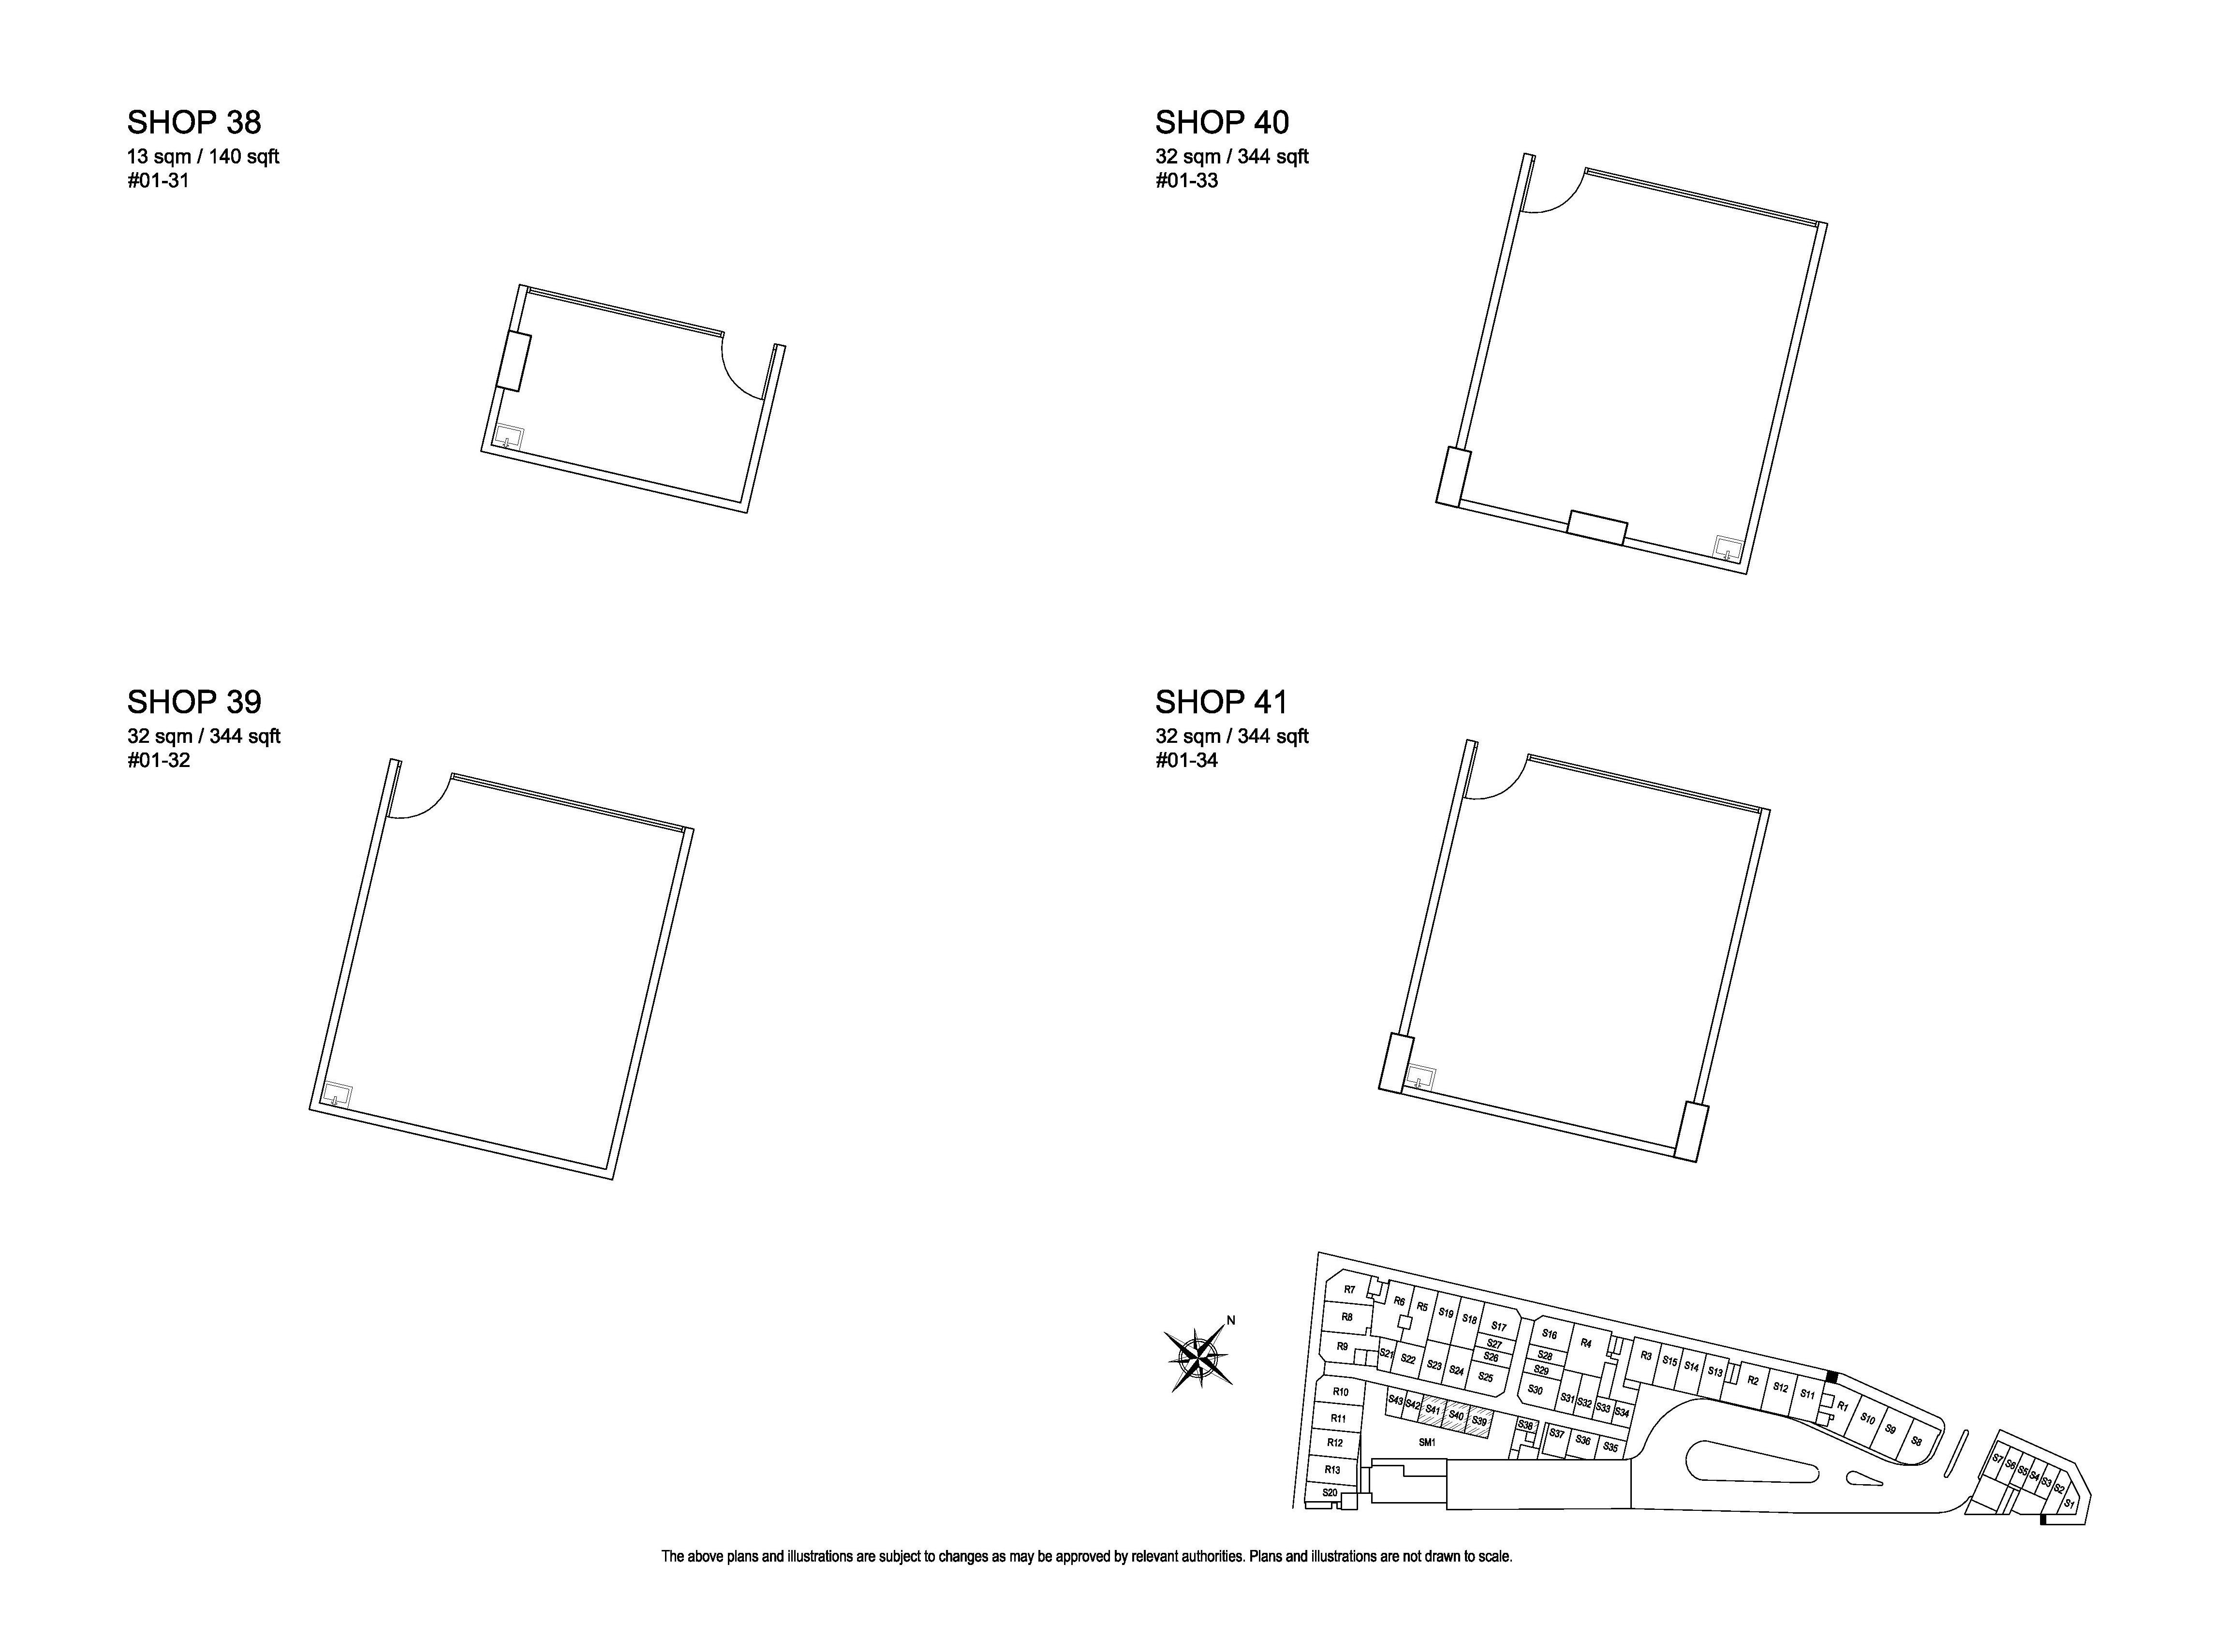 Kensington Square Shop 38,39,40,41 Floor Plans